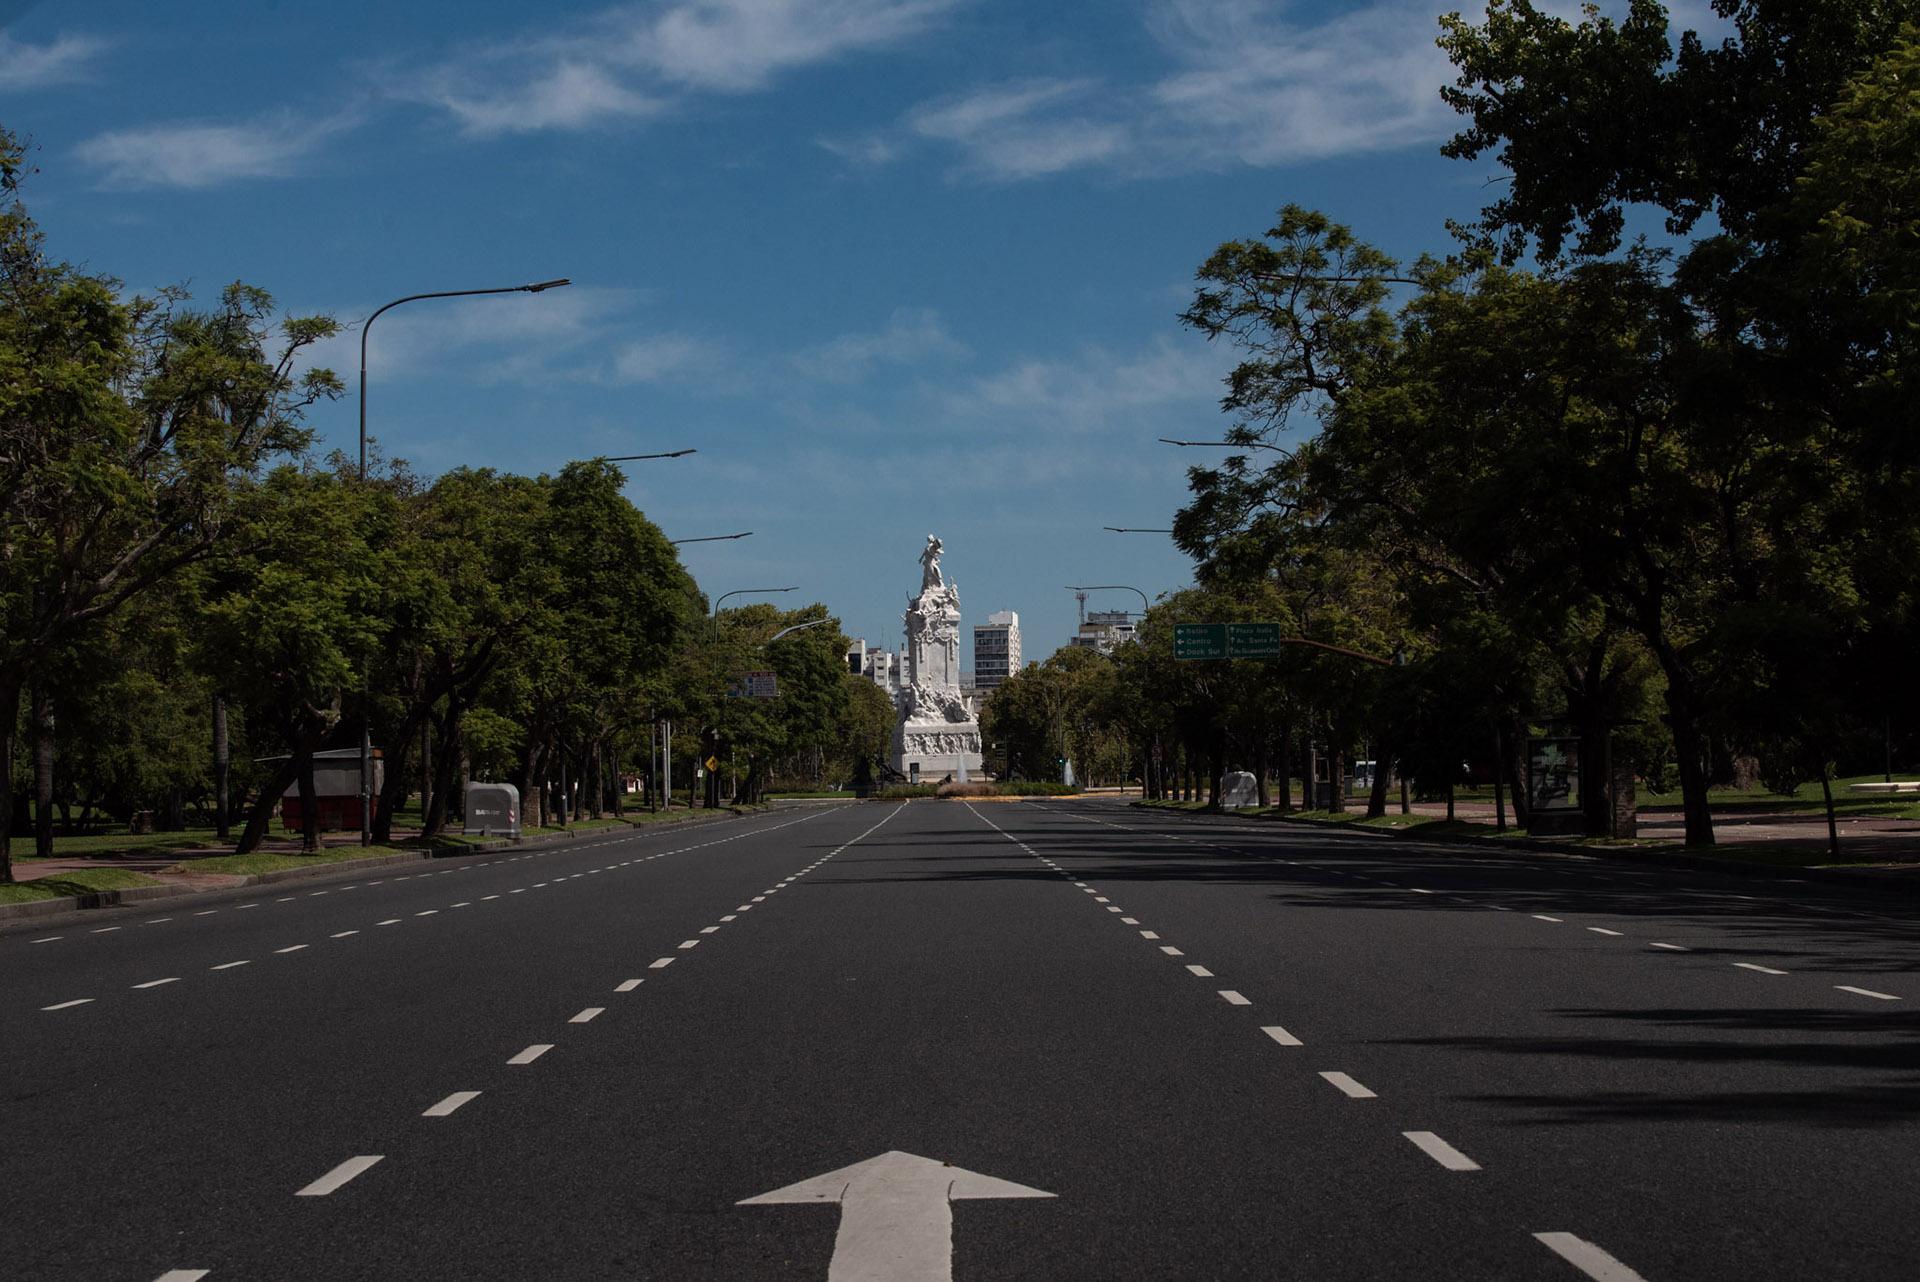 El monumento de los españoles, ubicado en la intersección de la Avenida del Libertador con la avenida General Sarmiento